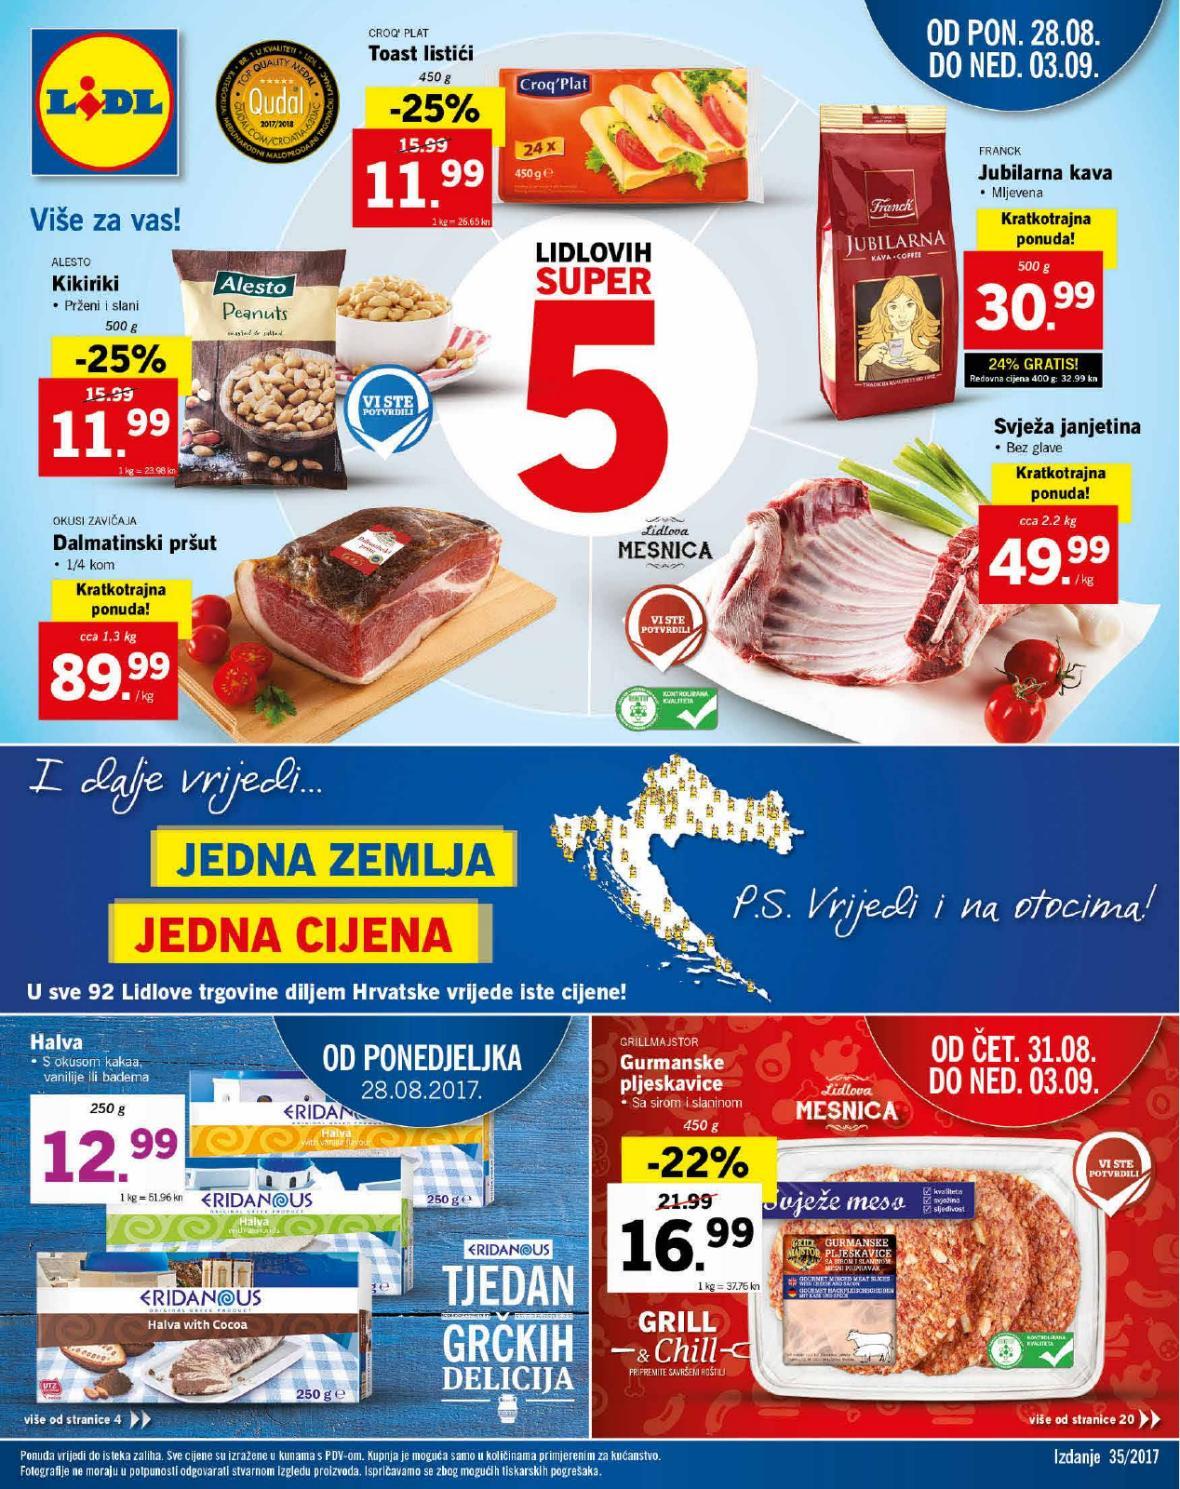 Pripremite se za novih Lidlovih super 5. Od ponedjeljka,  28.08.2017. Lidl vam predstavlja veliki izbor proizvoda po odličnim cijenama.